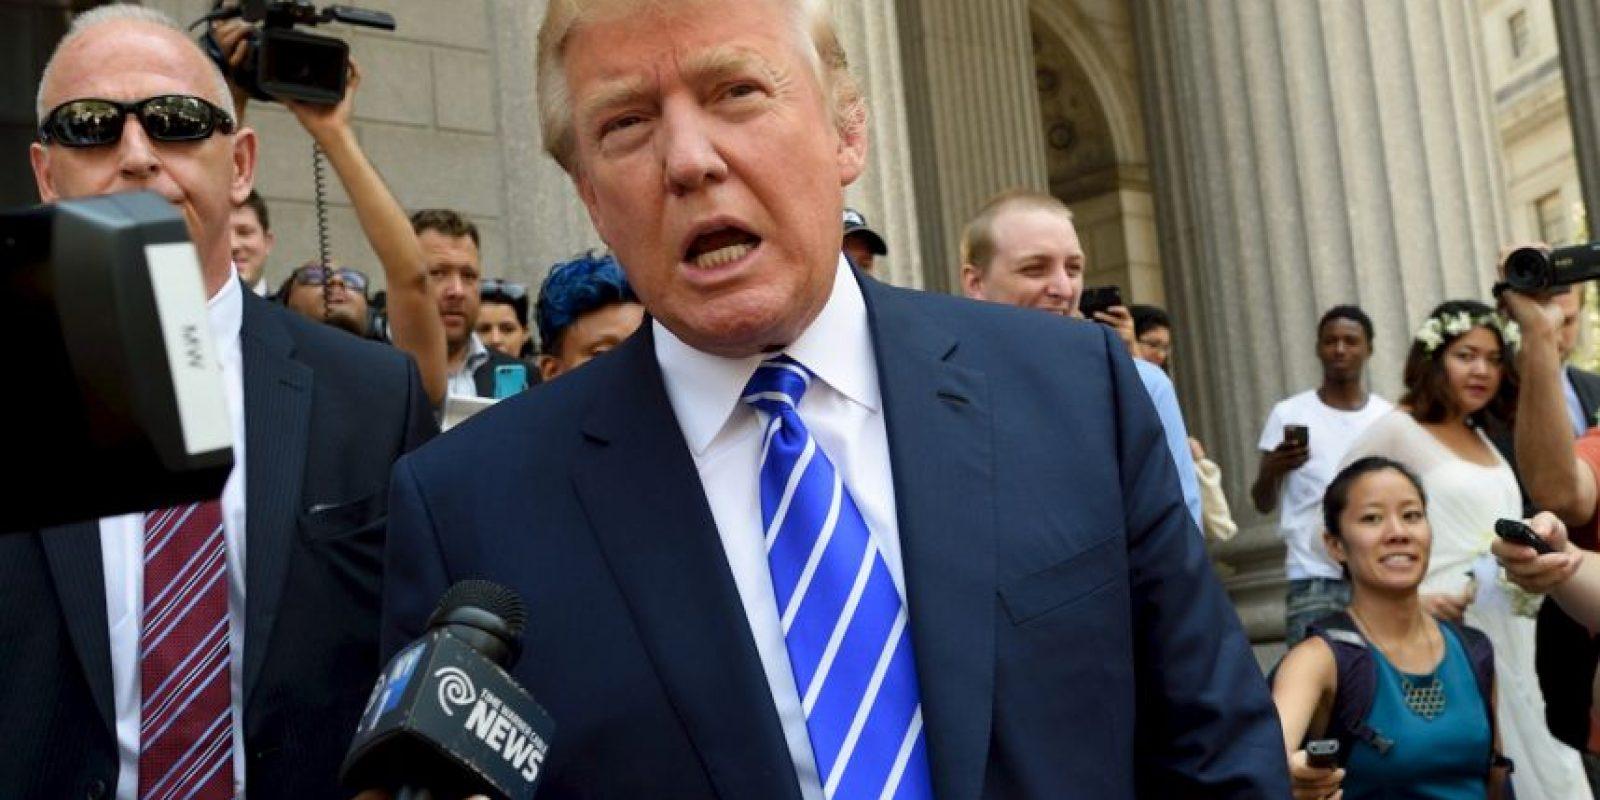 La nueva medida que quiere aplicar Trump incluye aquellos musulmanes inmigrantes. Foto:AFP